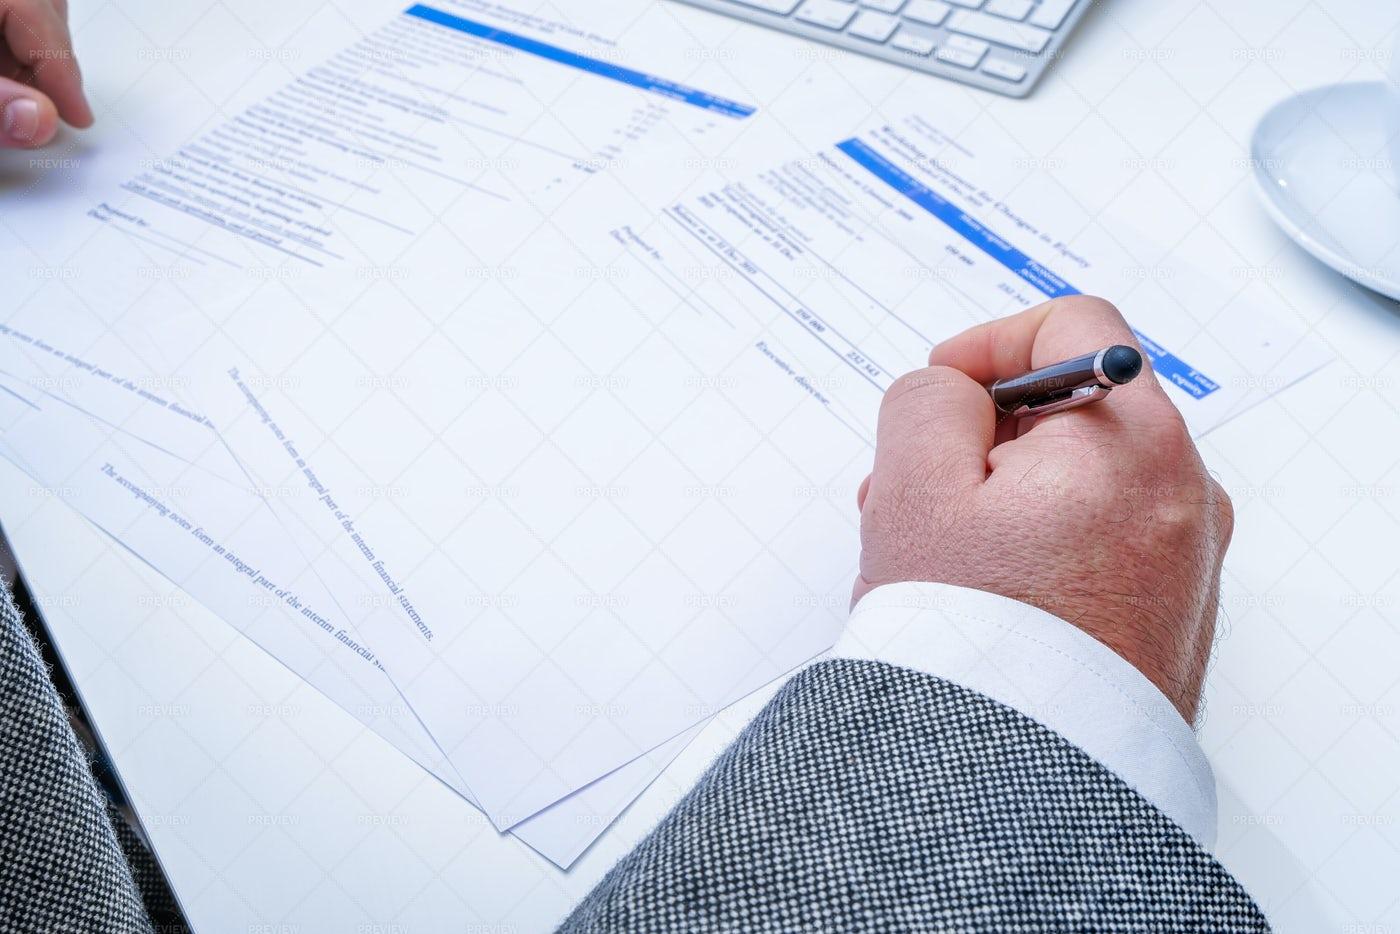 Businessman Reviews Paperwork: Stock Photos